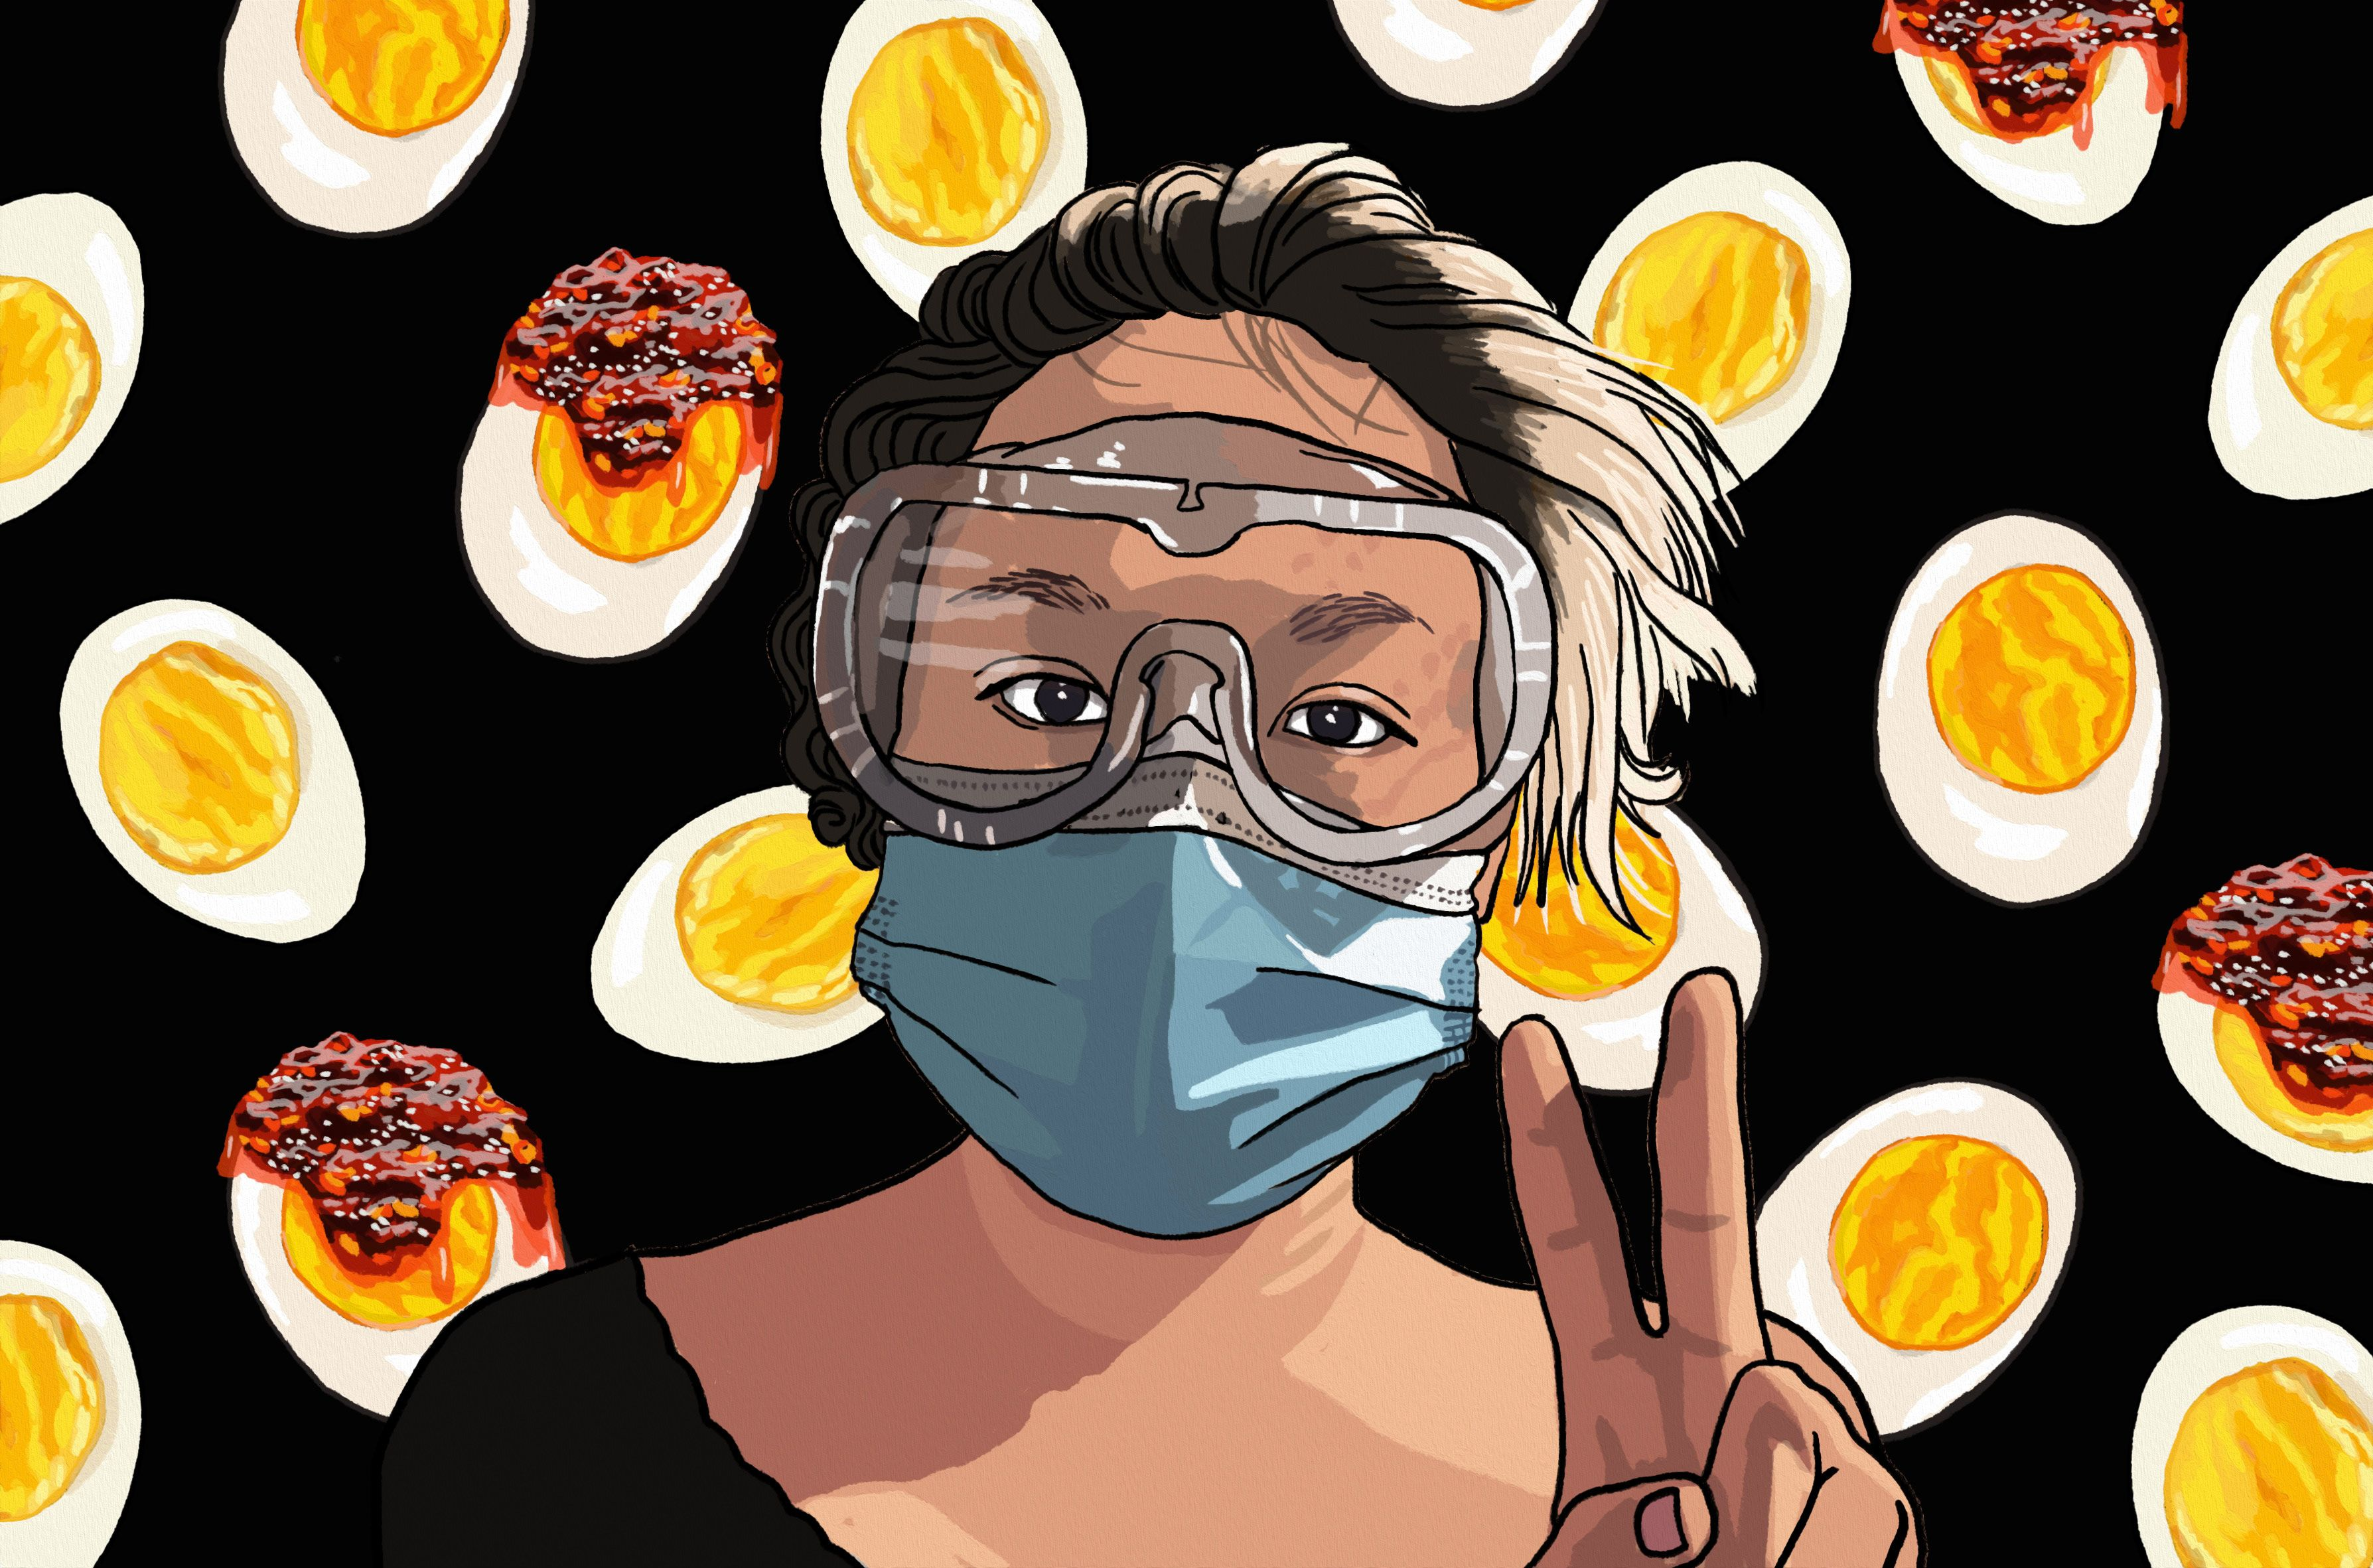 Eat my shitty ass xxx hot images